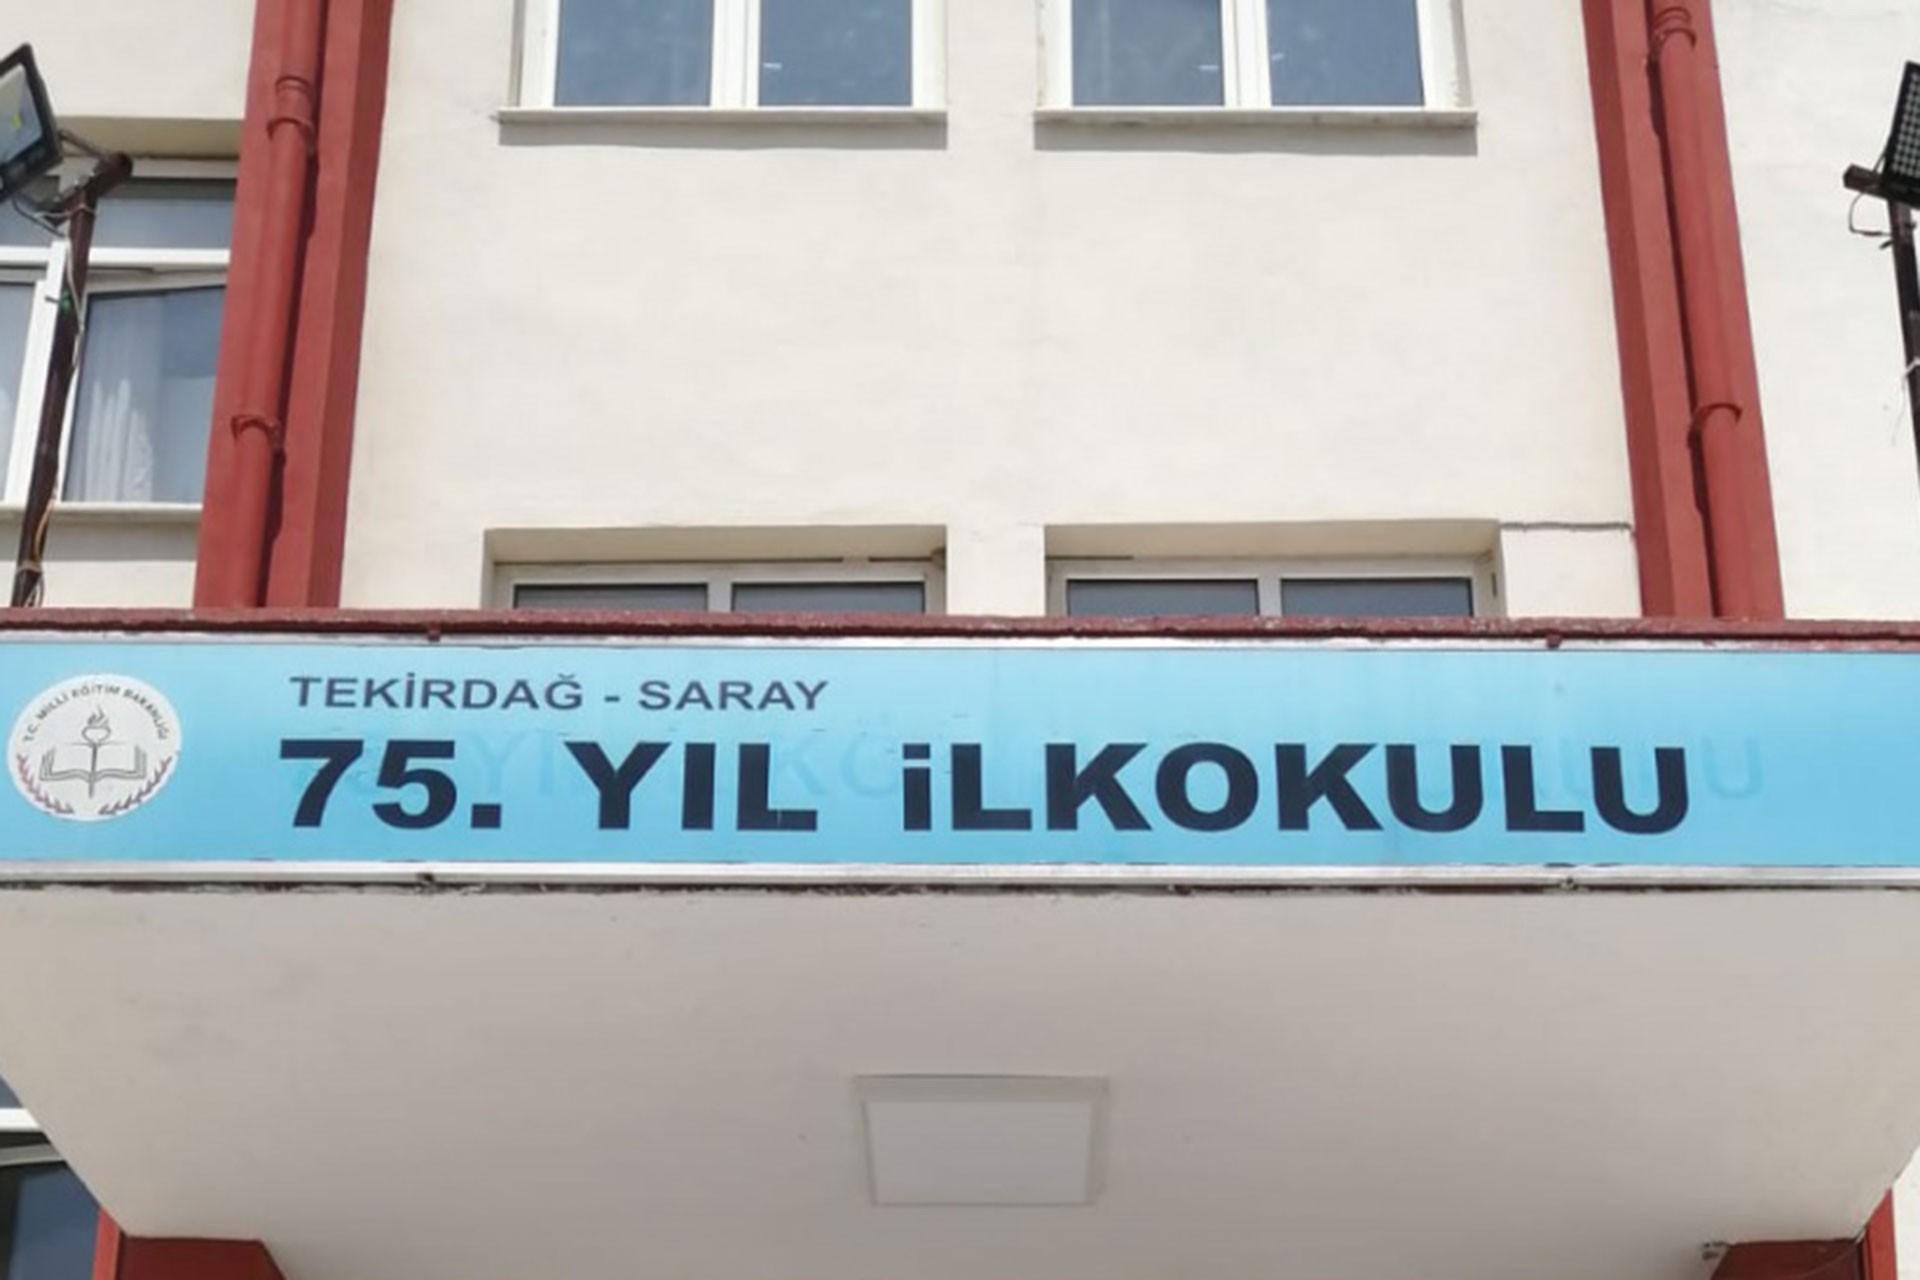 Tekirdağ - Saray 75. Yıl İlkokulu